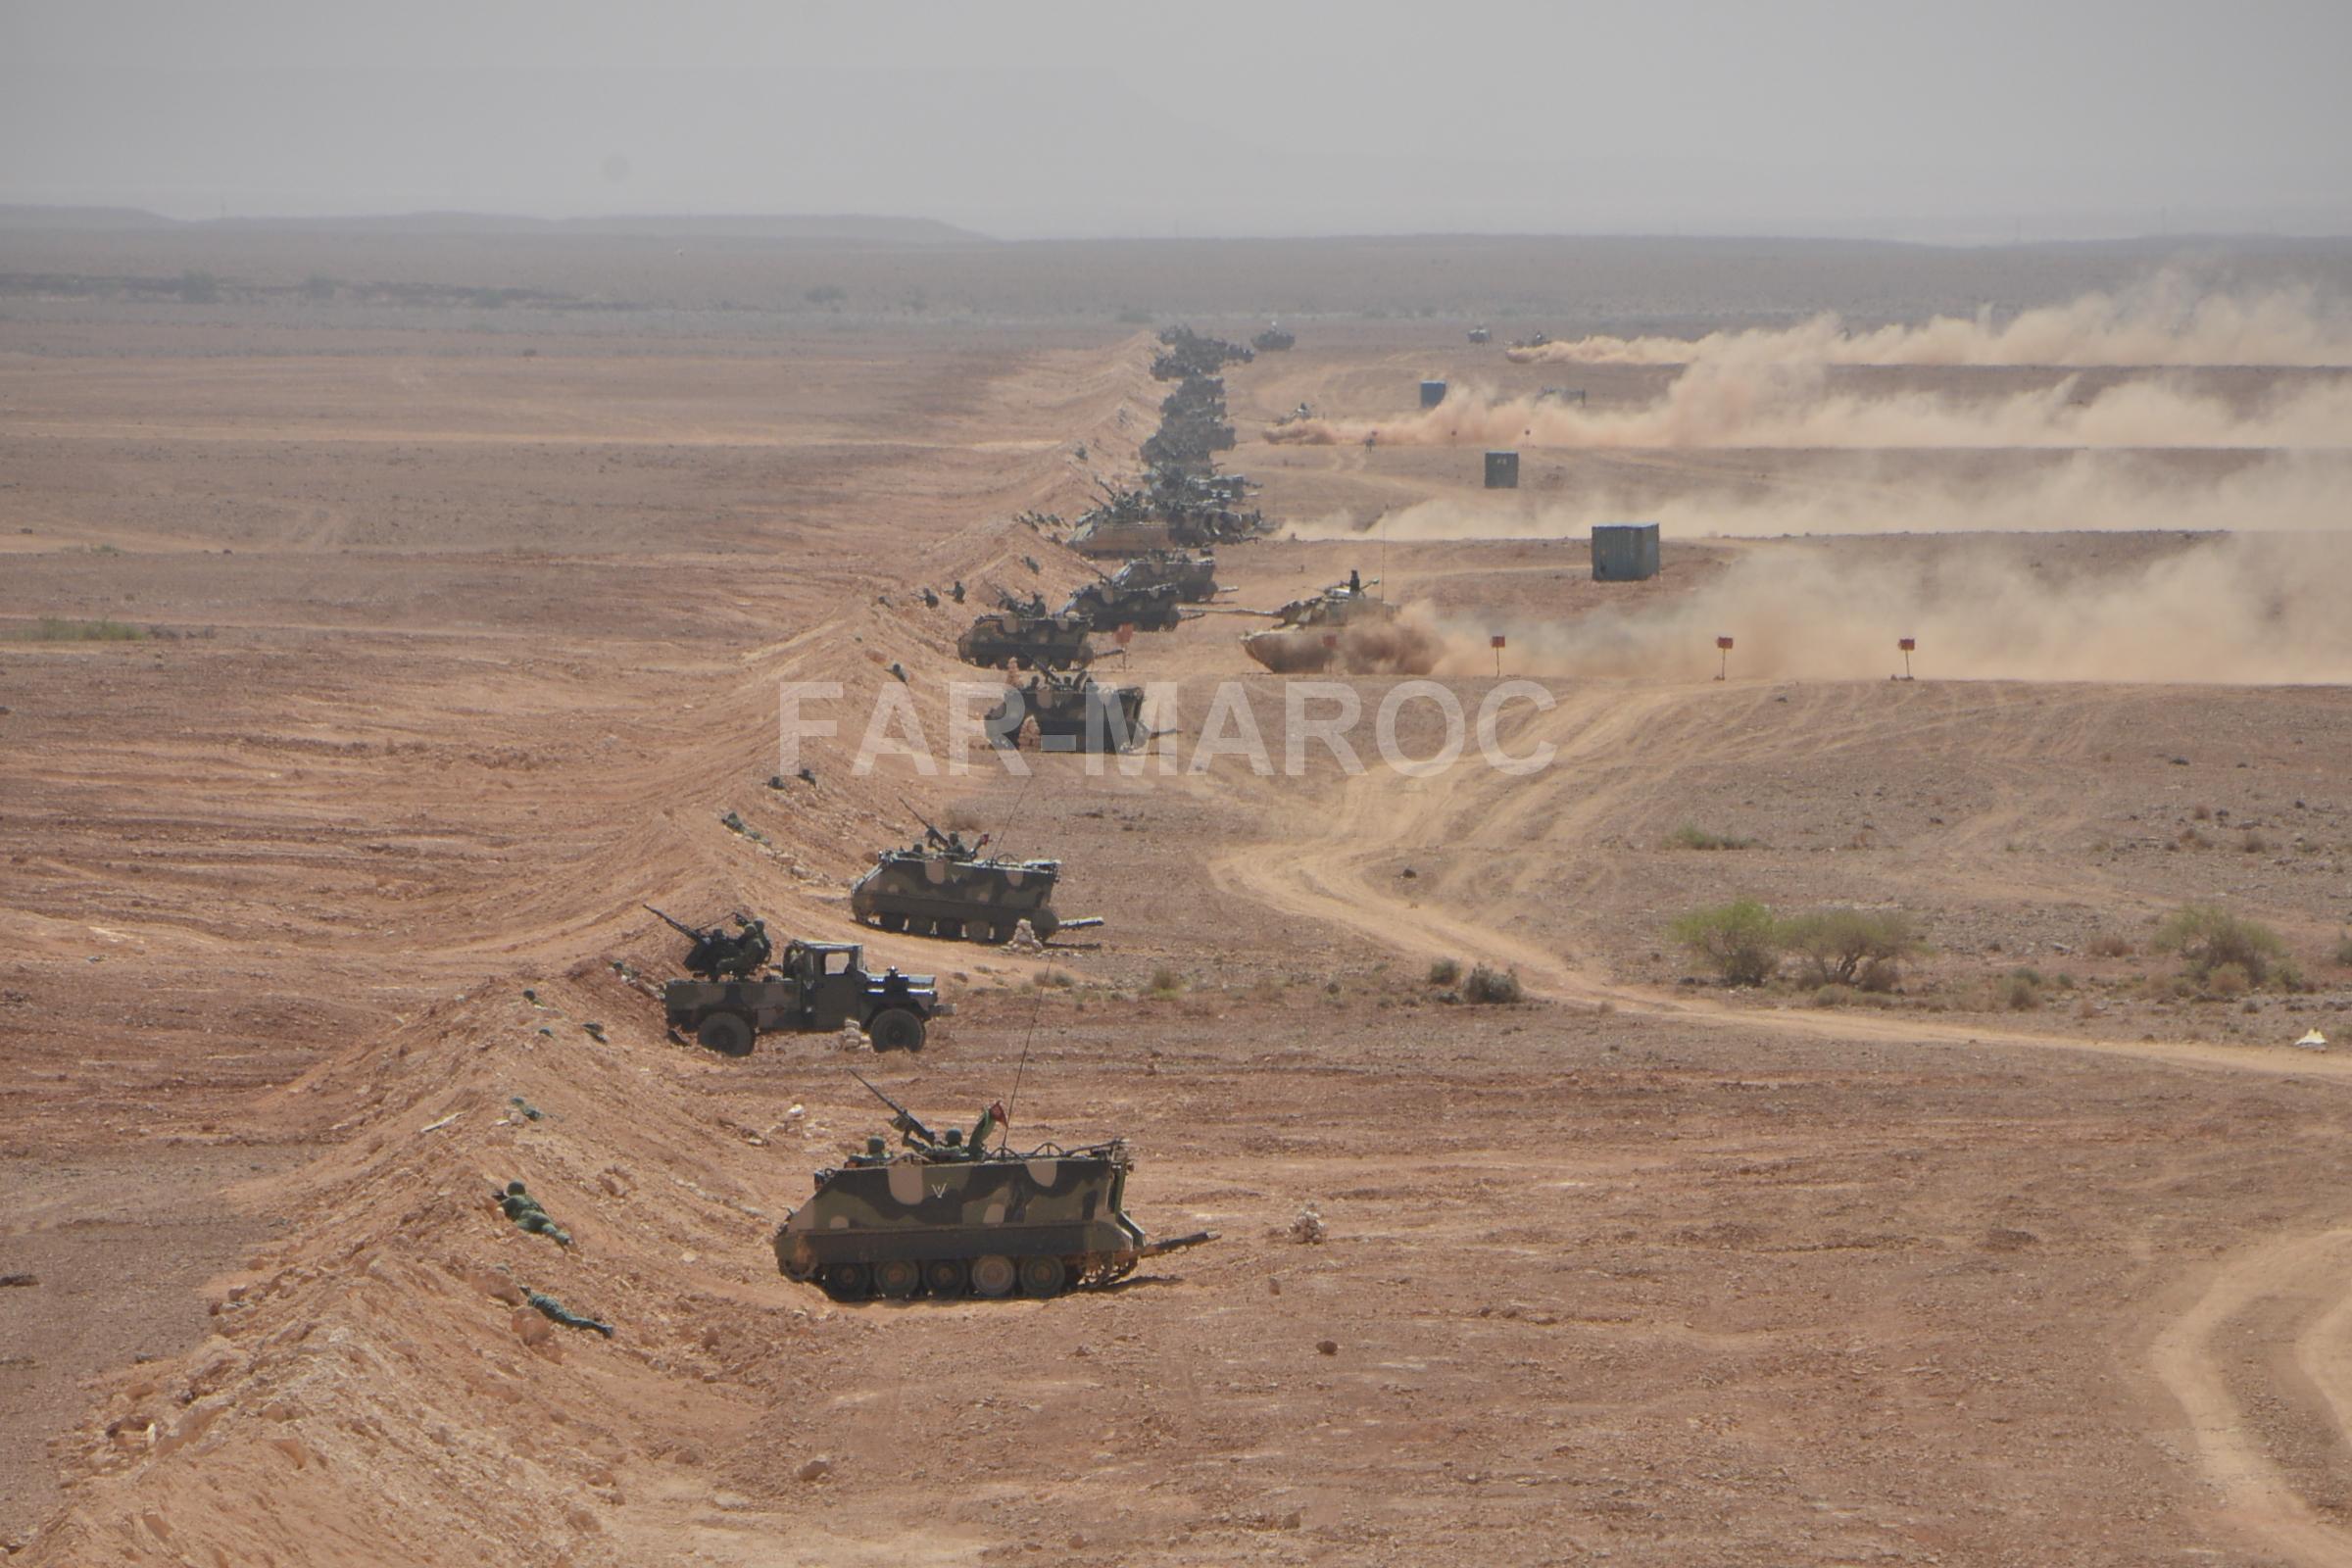 Hostilités au Sahara marocain  - Page 7 48066114436_6367a3e896_o